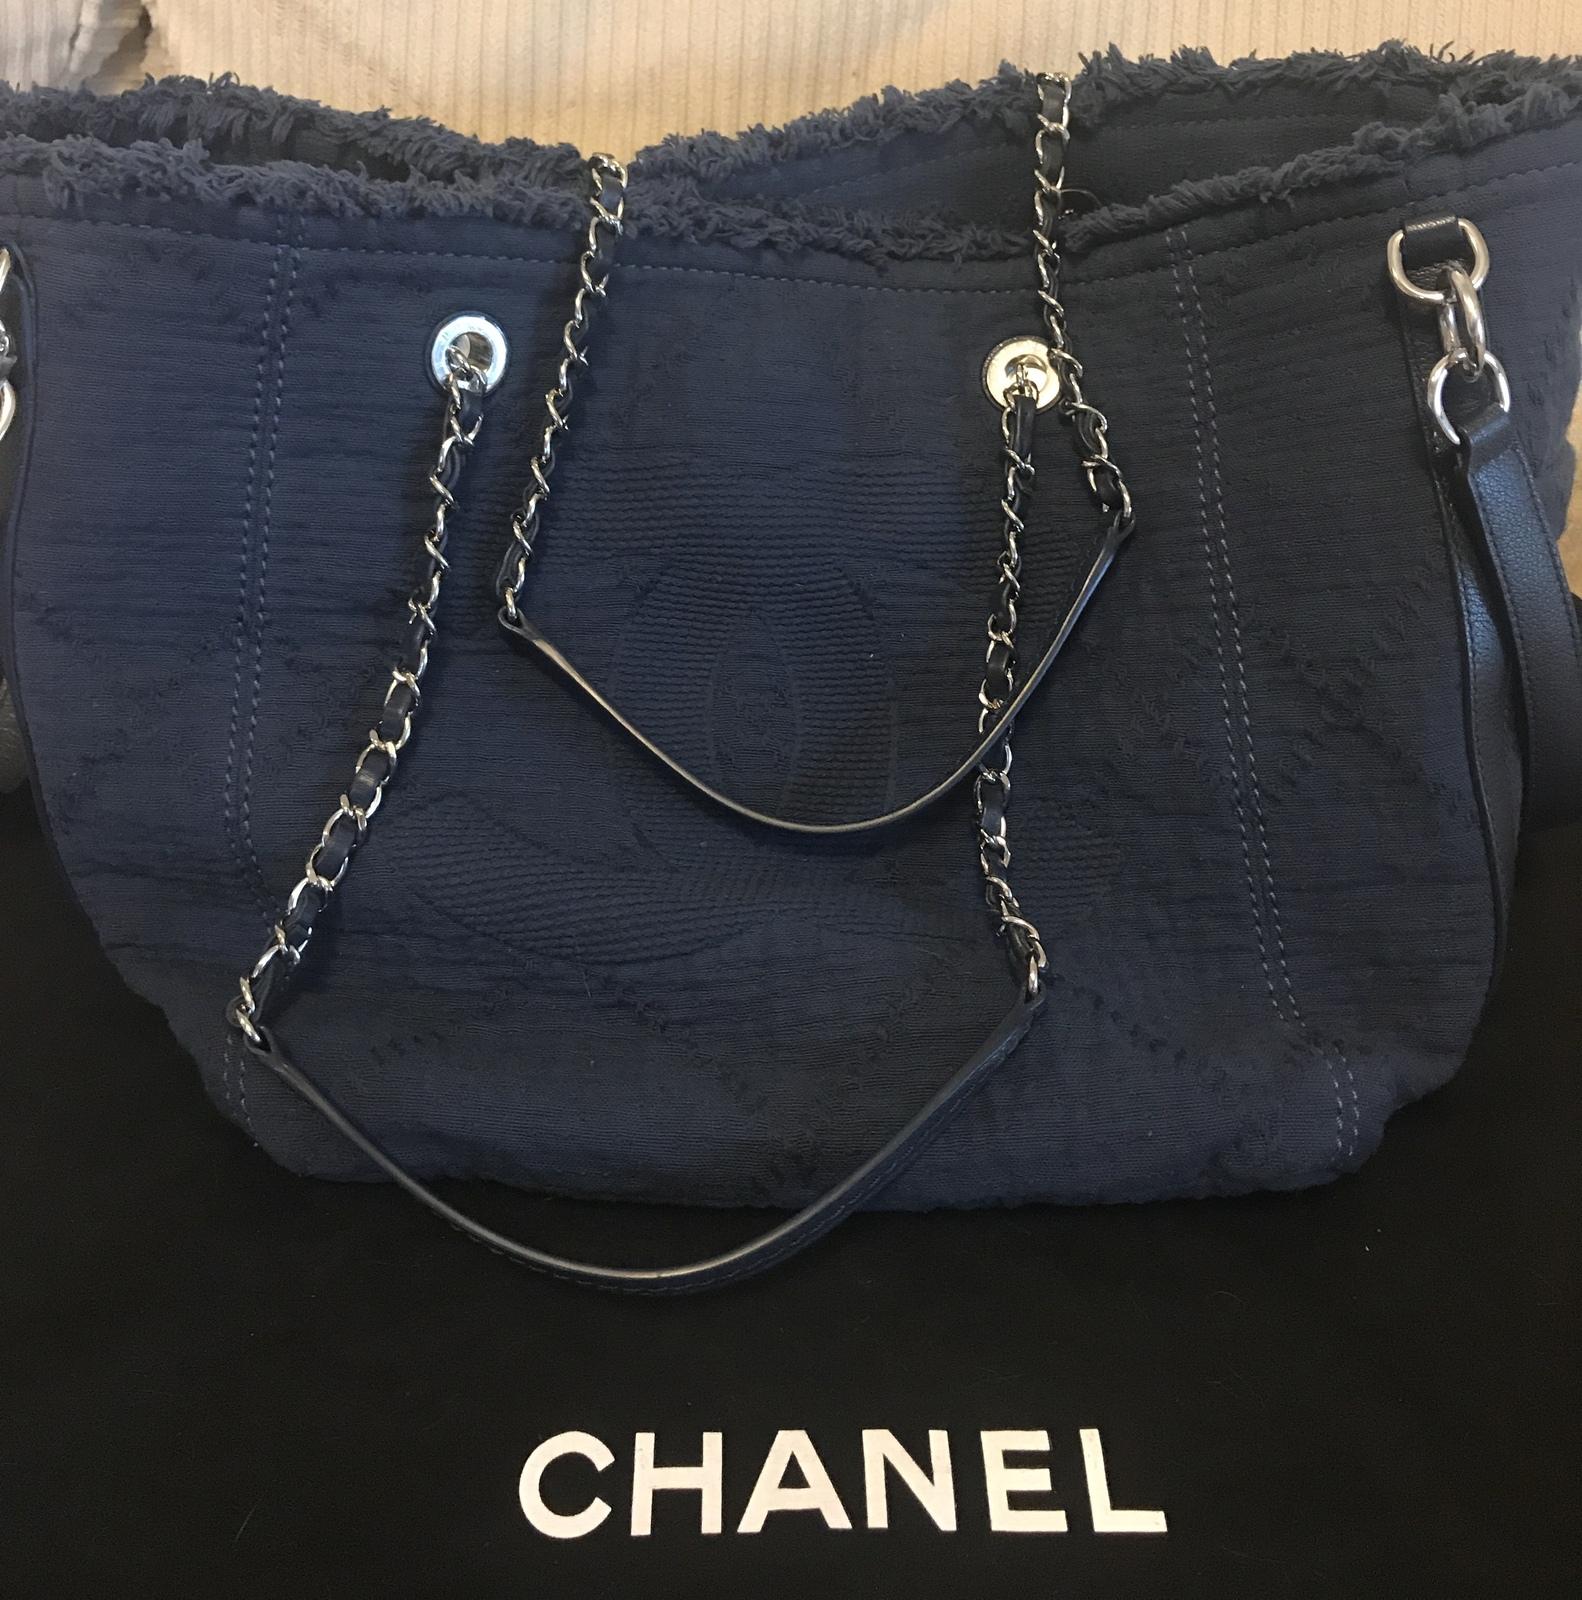 9979dda0a54 Chanel Large Shopping Bag and 50 similar items